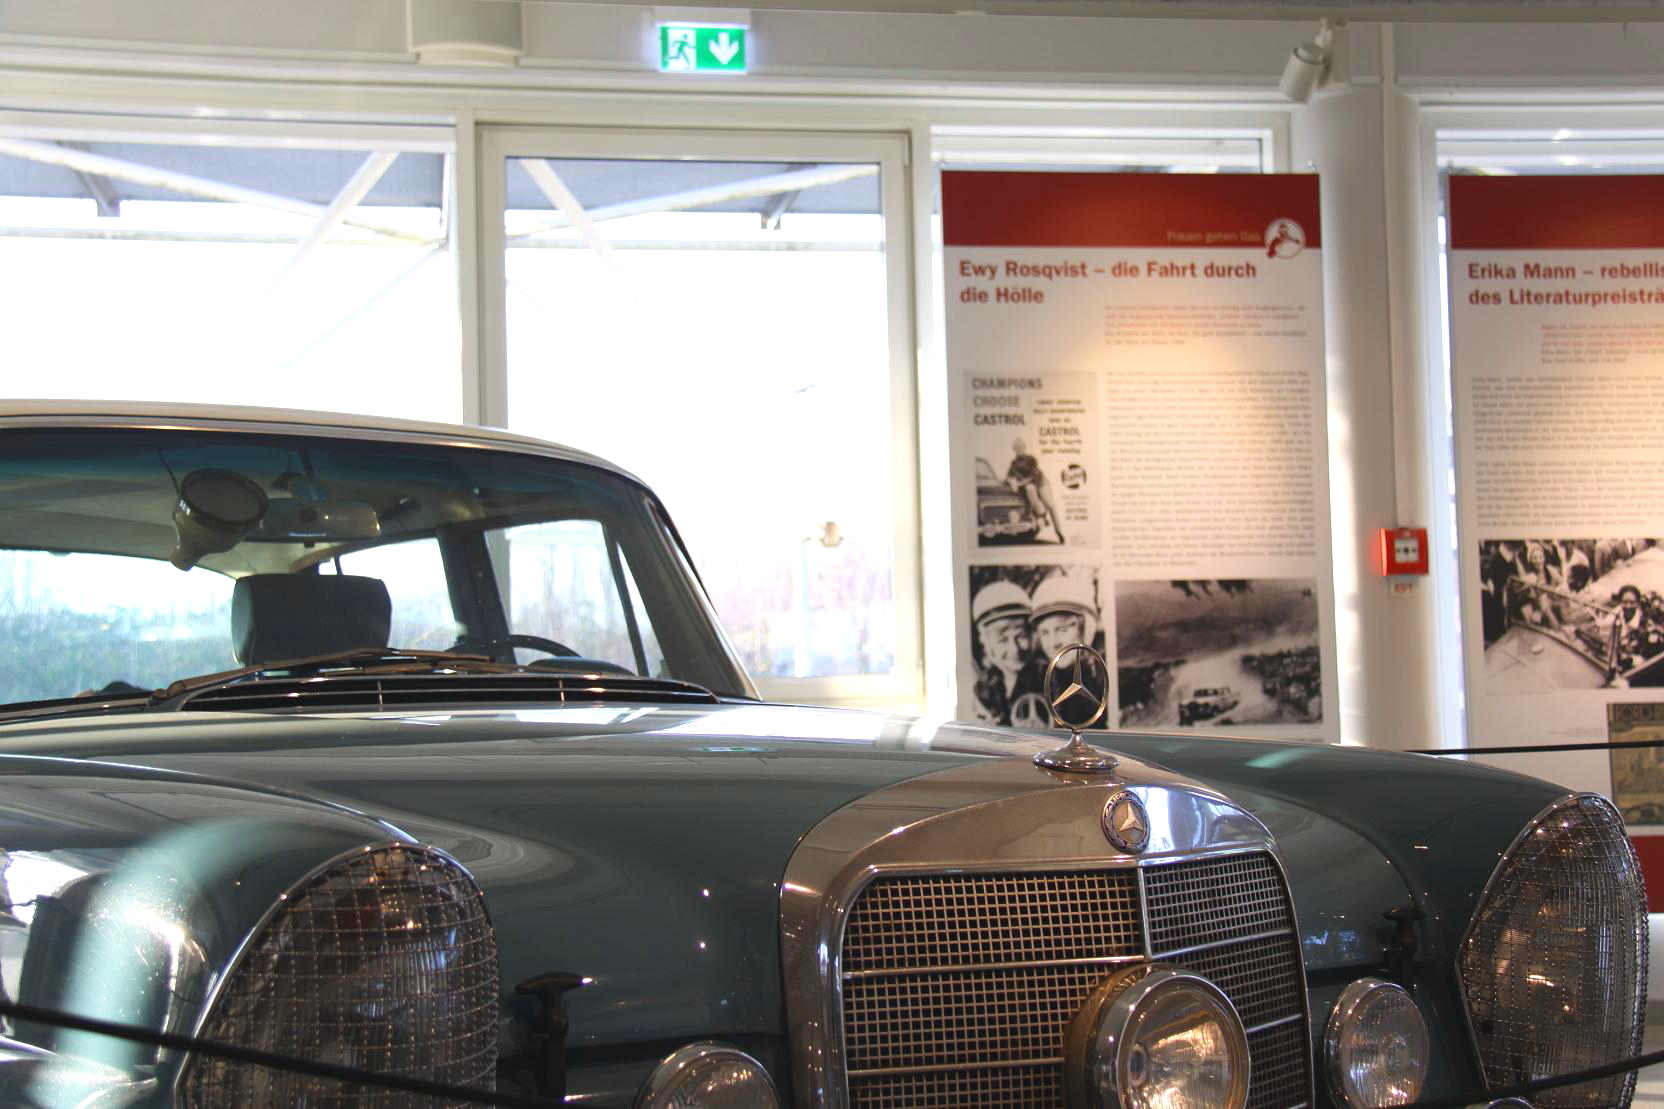 Mit einer Luxuslimousine auf die Rallyepiste – Ewys Heckflosse kann man in der Central Garage bewundern.